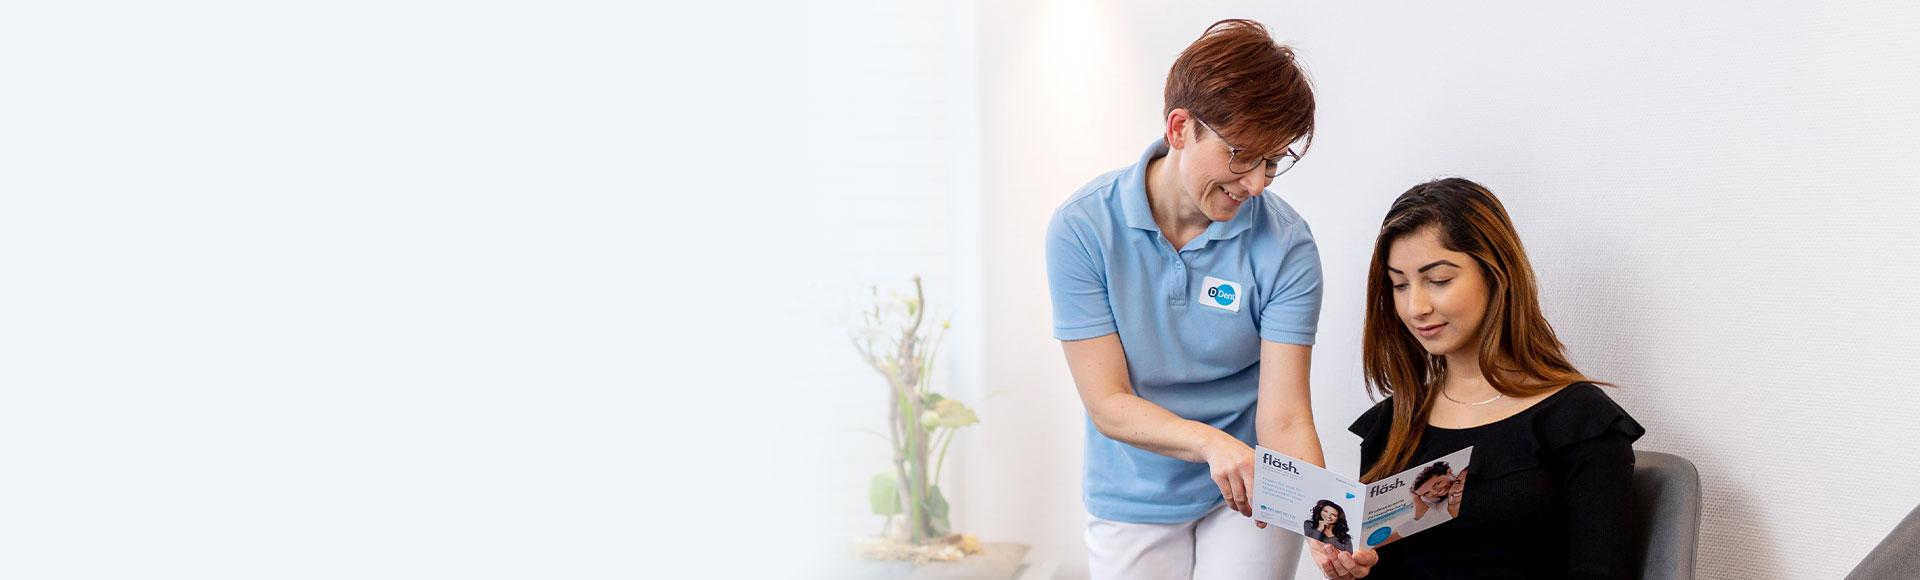 Stellenanzeigen Langenhorn Empfang Zahnarztpraxis